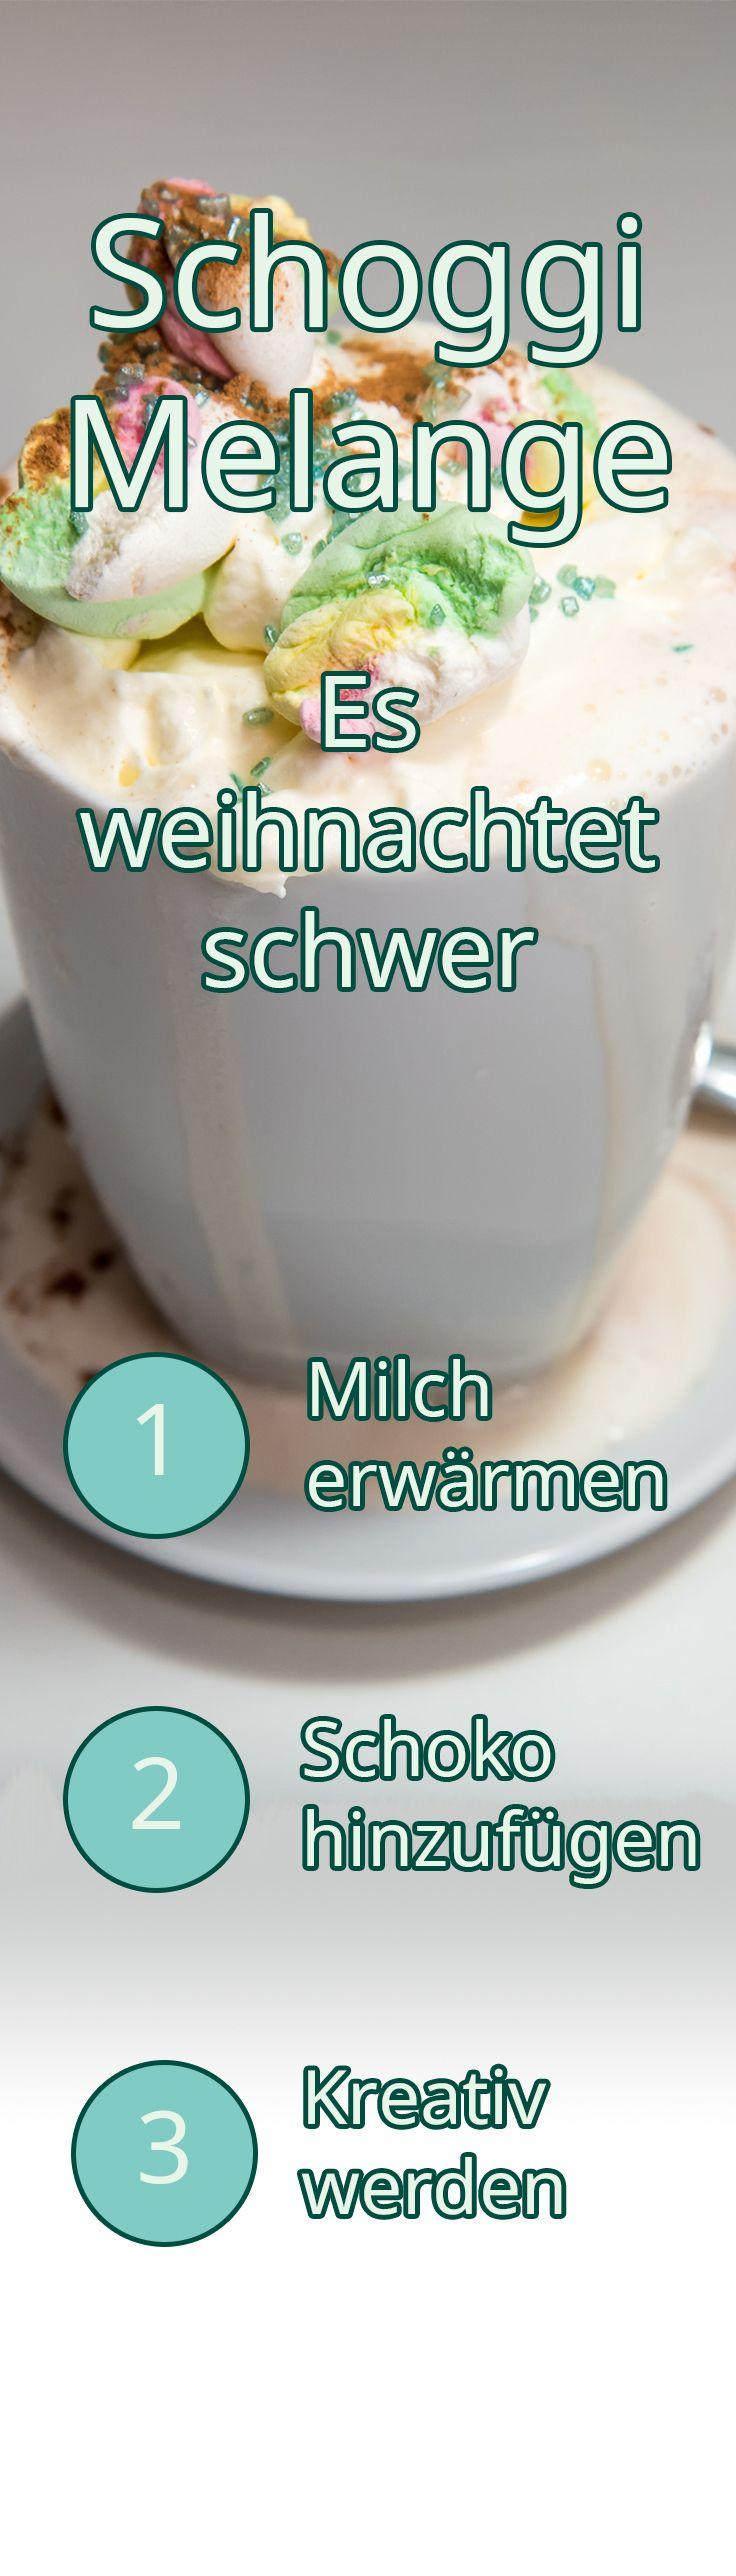 Schoggi Melange - Es weihnachtet schwer!  Langsam wird's kalt und dunkel, Scheiben kratzen, warm anziehen, viel Tee trinken…. Meine Zeit! Nun muss ich kein schlechtes Gewissen mehr haben, zuhause rumzugammeln.